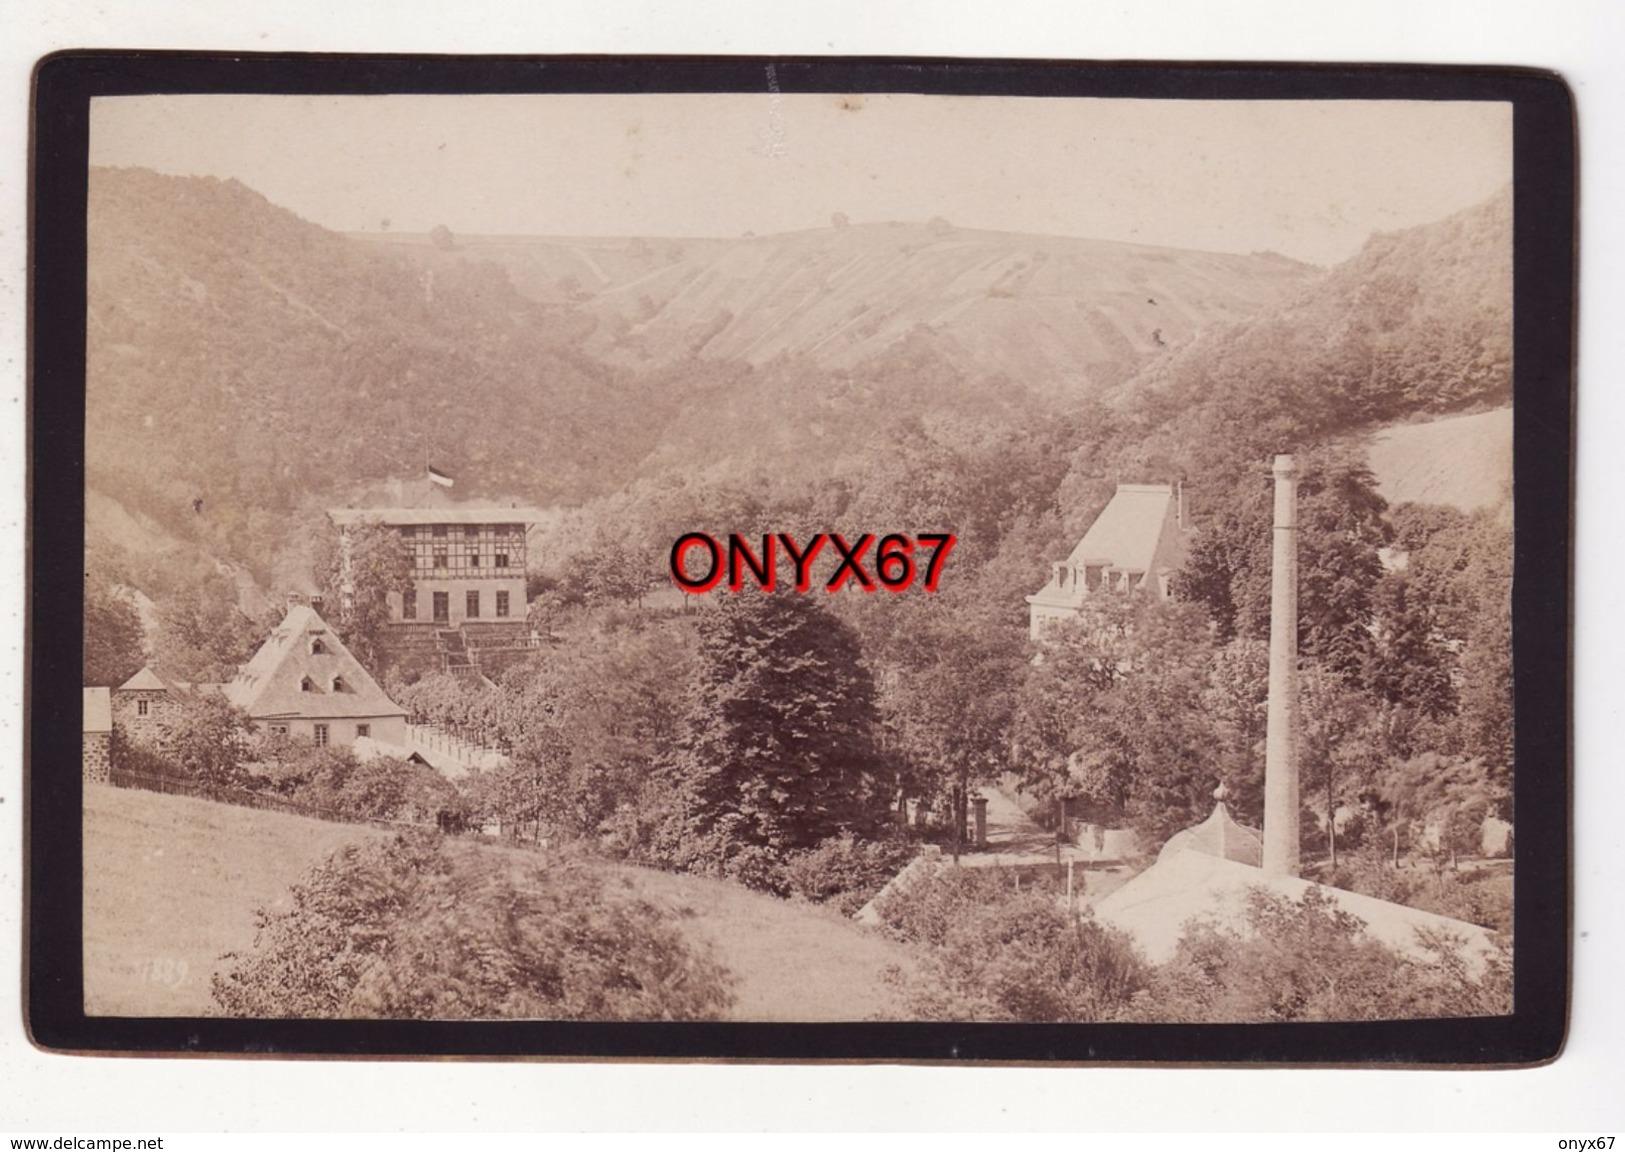 PHOTO CARTONNEE 16,5 X 10,5 Cms - NEUWIED Am Rhein (Allemagne-Deutschland) Foto Albert EISELE Studio Photo RARE - Photographs